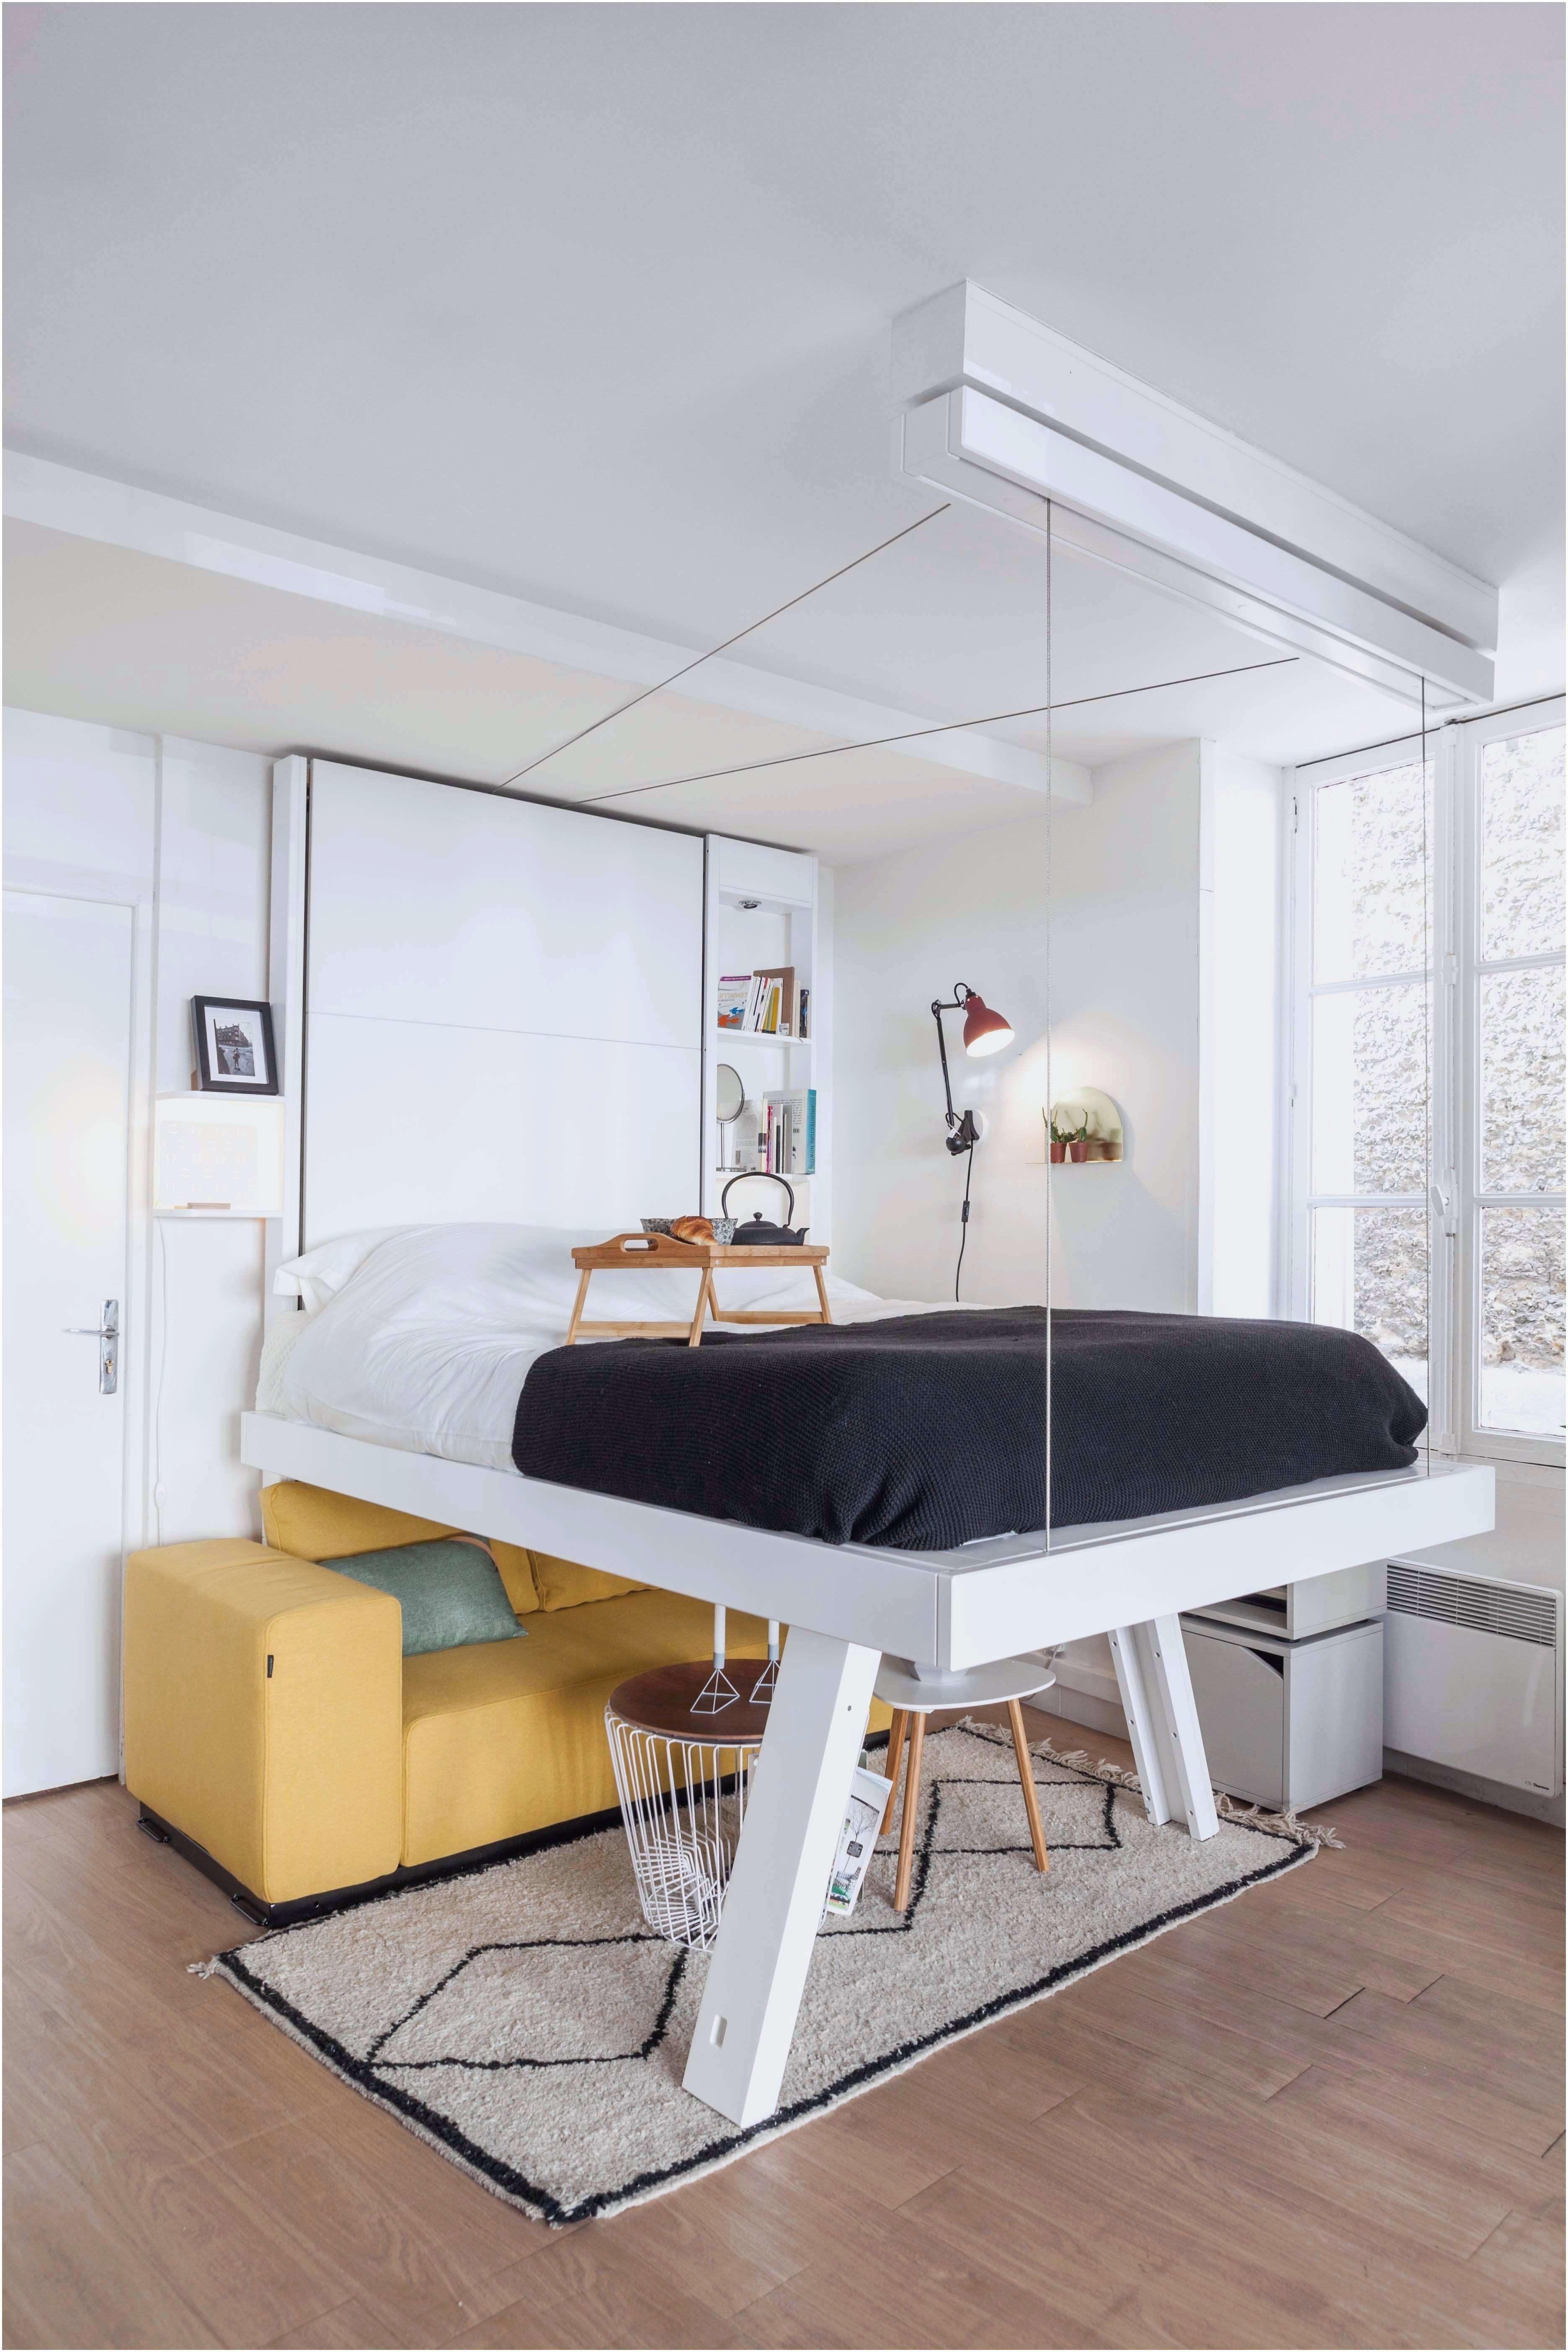 Lit Mezzanine Avec Bureau Pas Cher Beau Elégant Lit Mezzanine Salon Chambre Mezzanine Adulte Beau Mezzanine